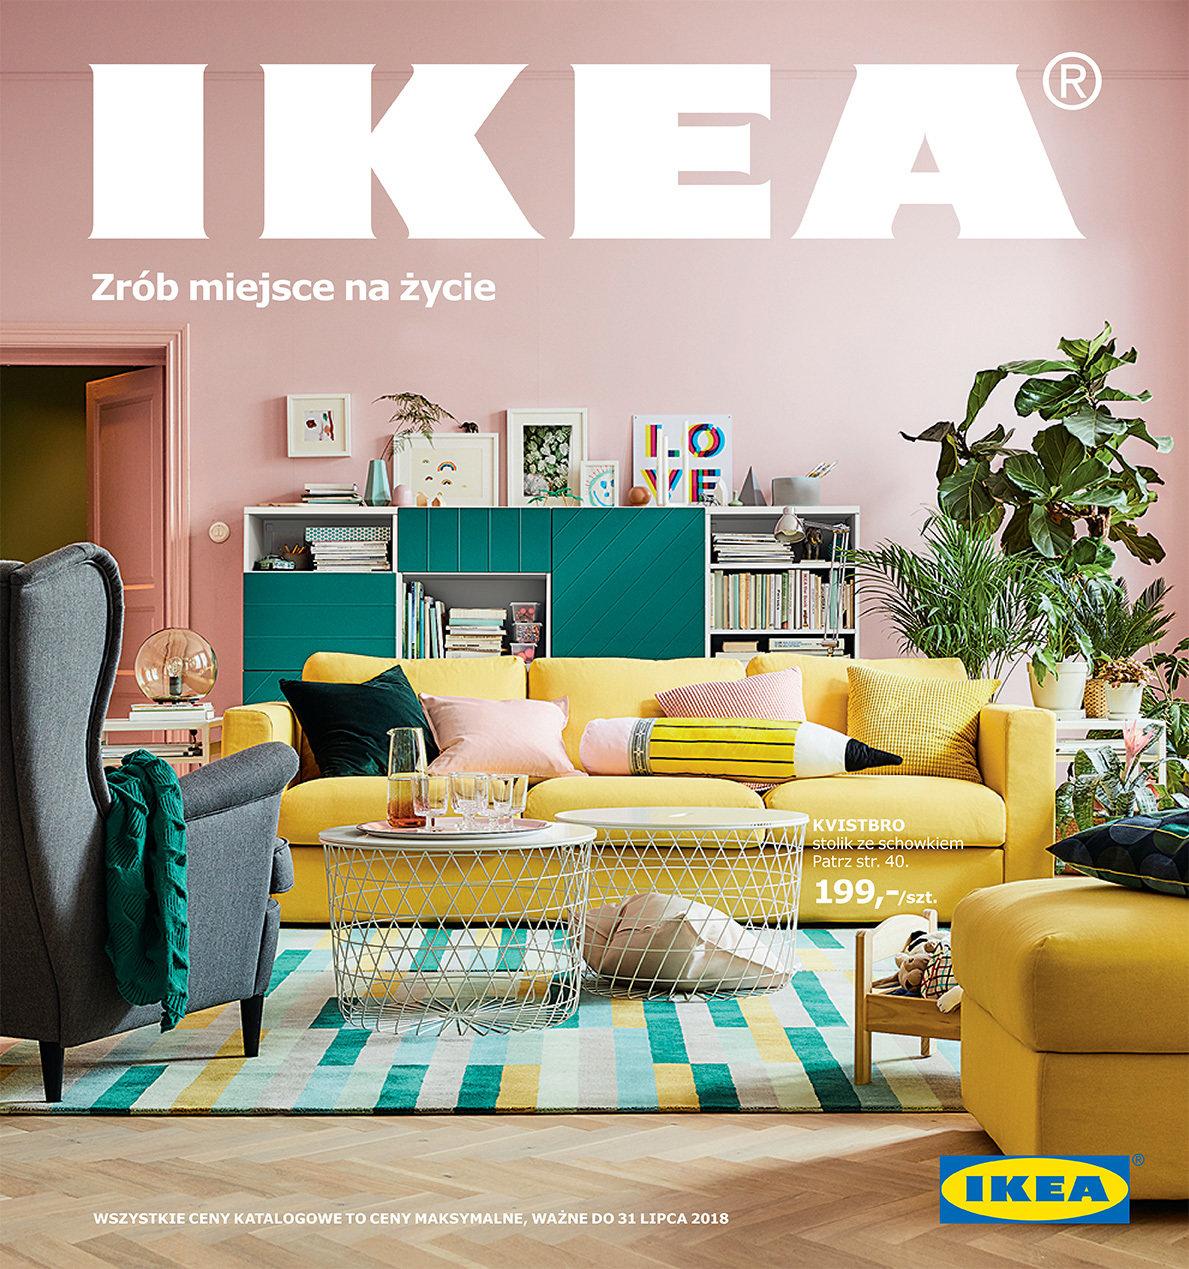 życie To Zmiany Zrób Na Nie Miejsce Nowy Katalog Ikea 2018